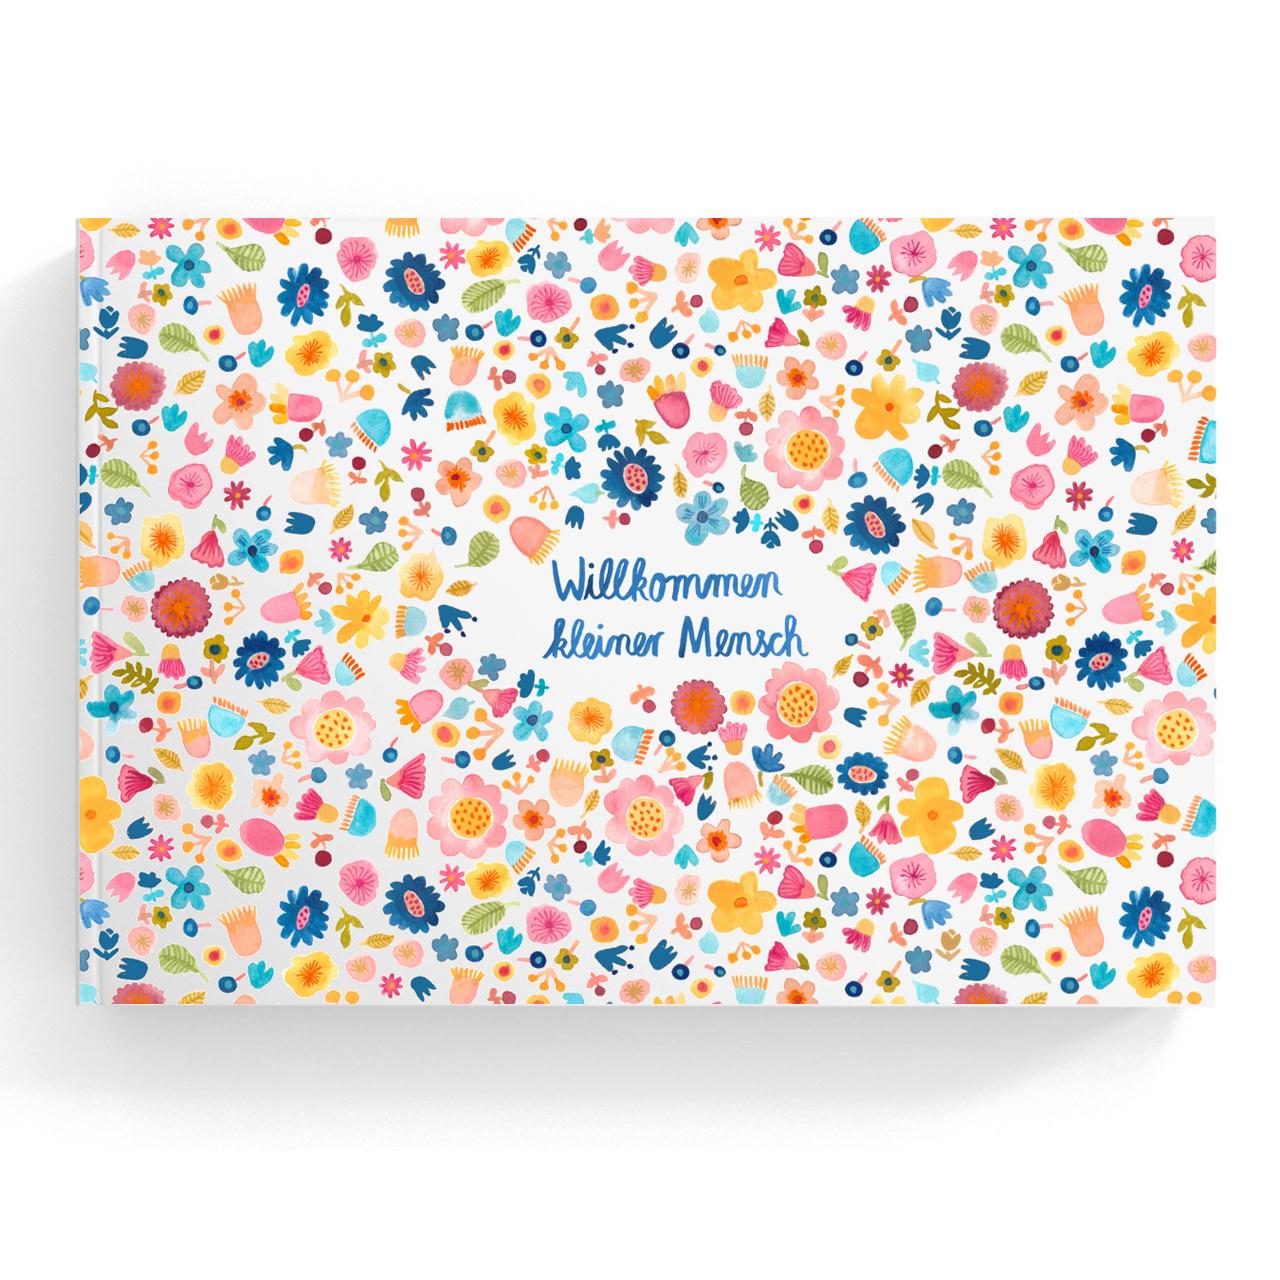 Frau Ottilie Babybuch - zuckerfrei | Kids Concept Store